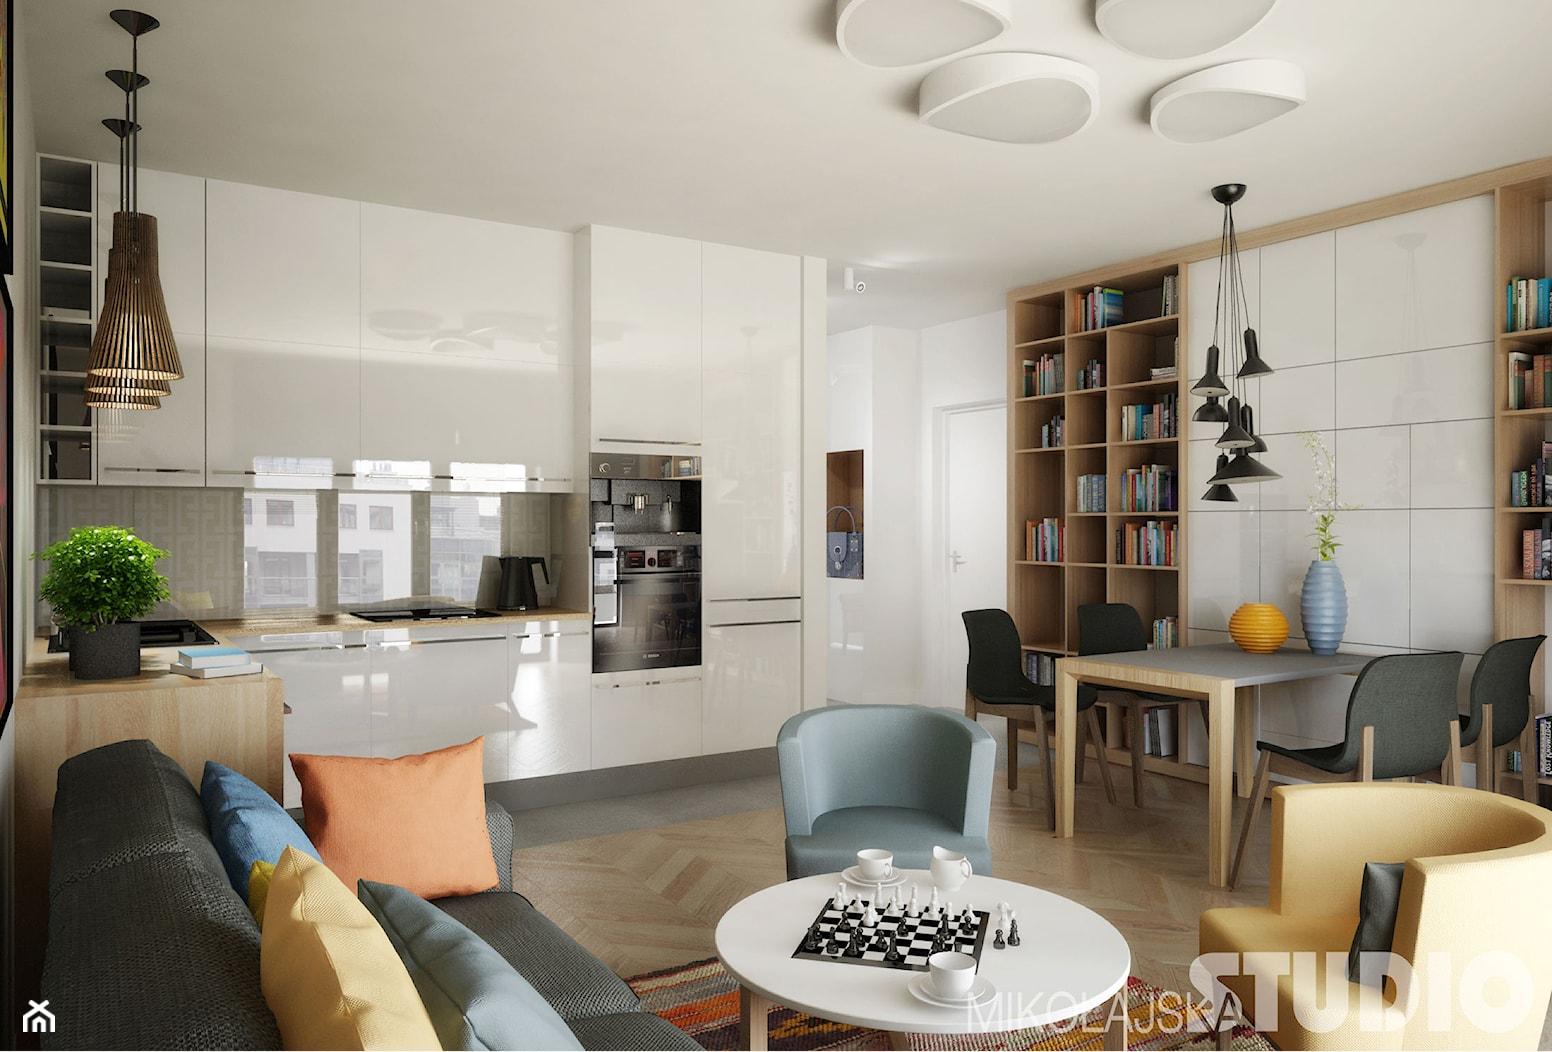 Kuchnia w stylu skandynawskim - zdjęcie od MIKOŁAJSKAstudio - Homebook